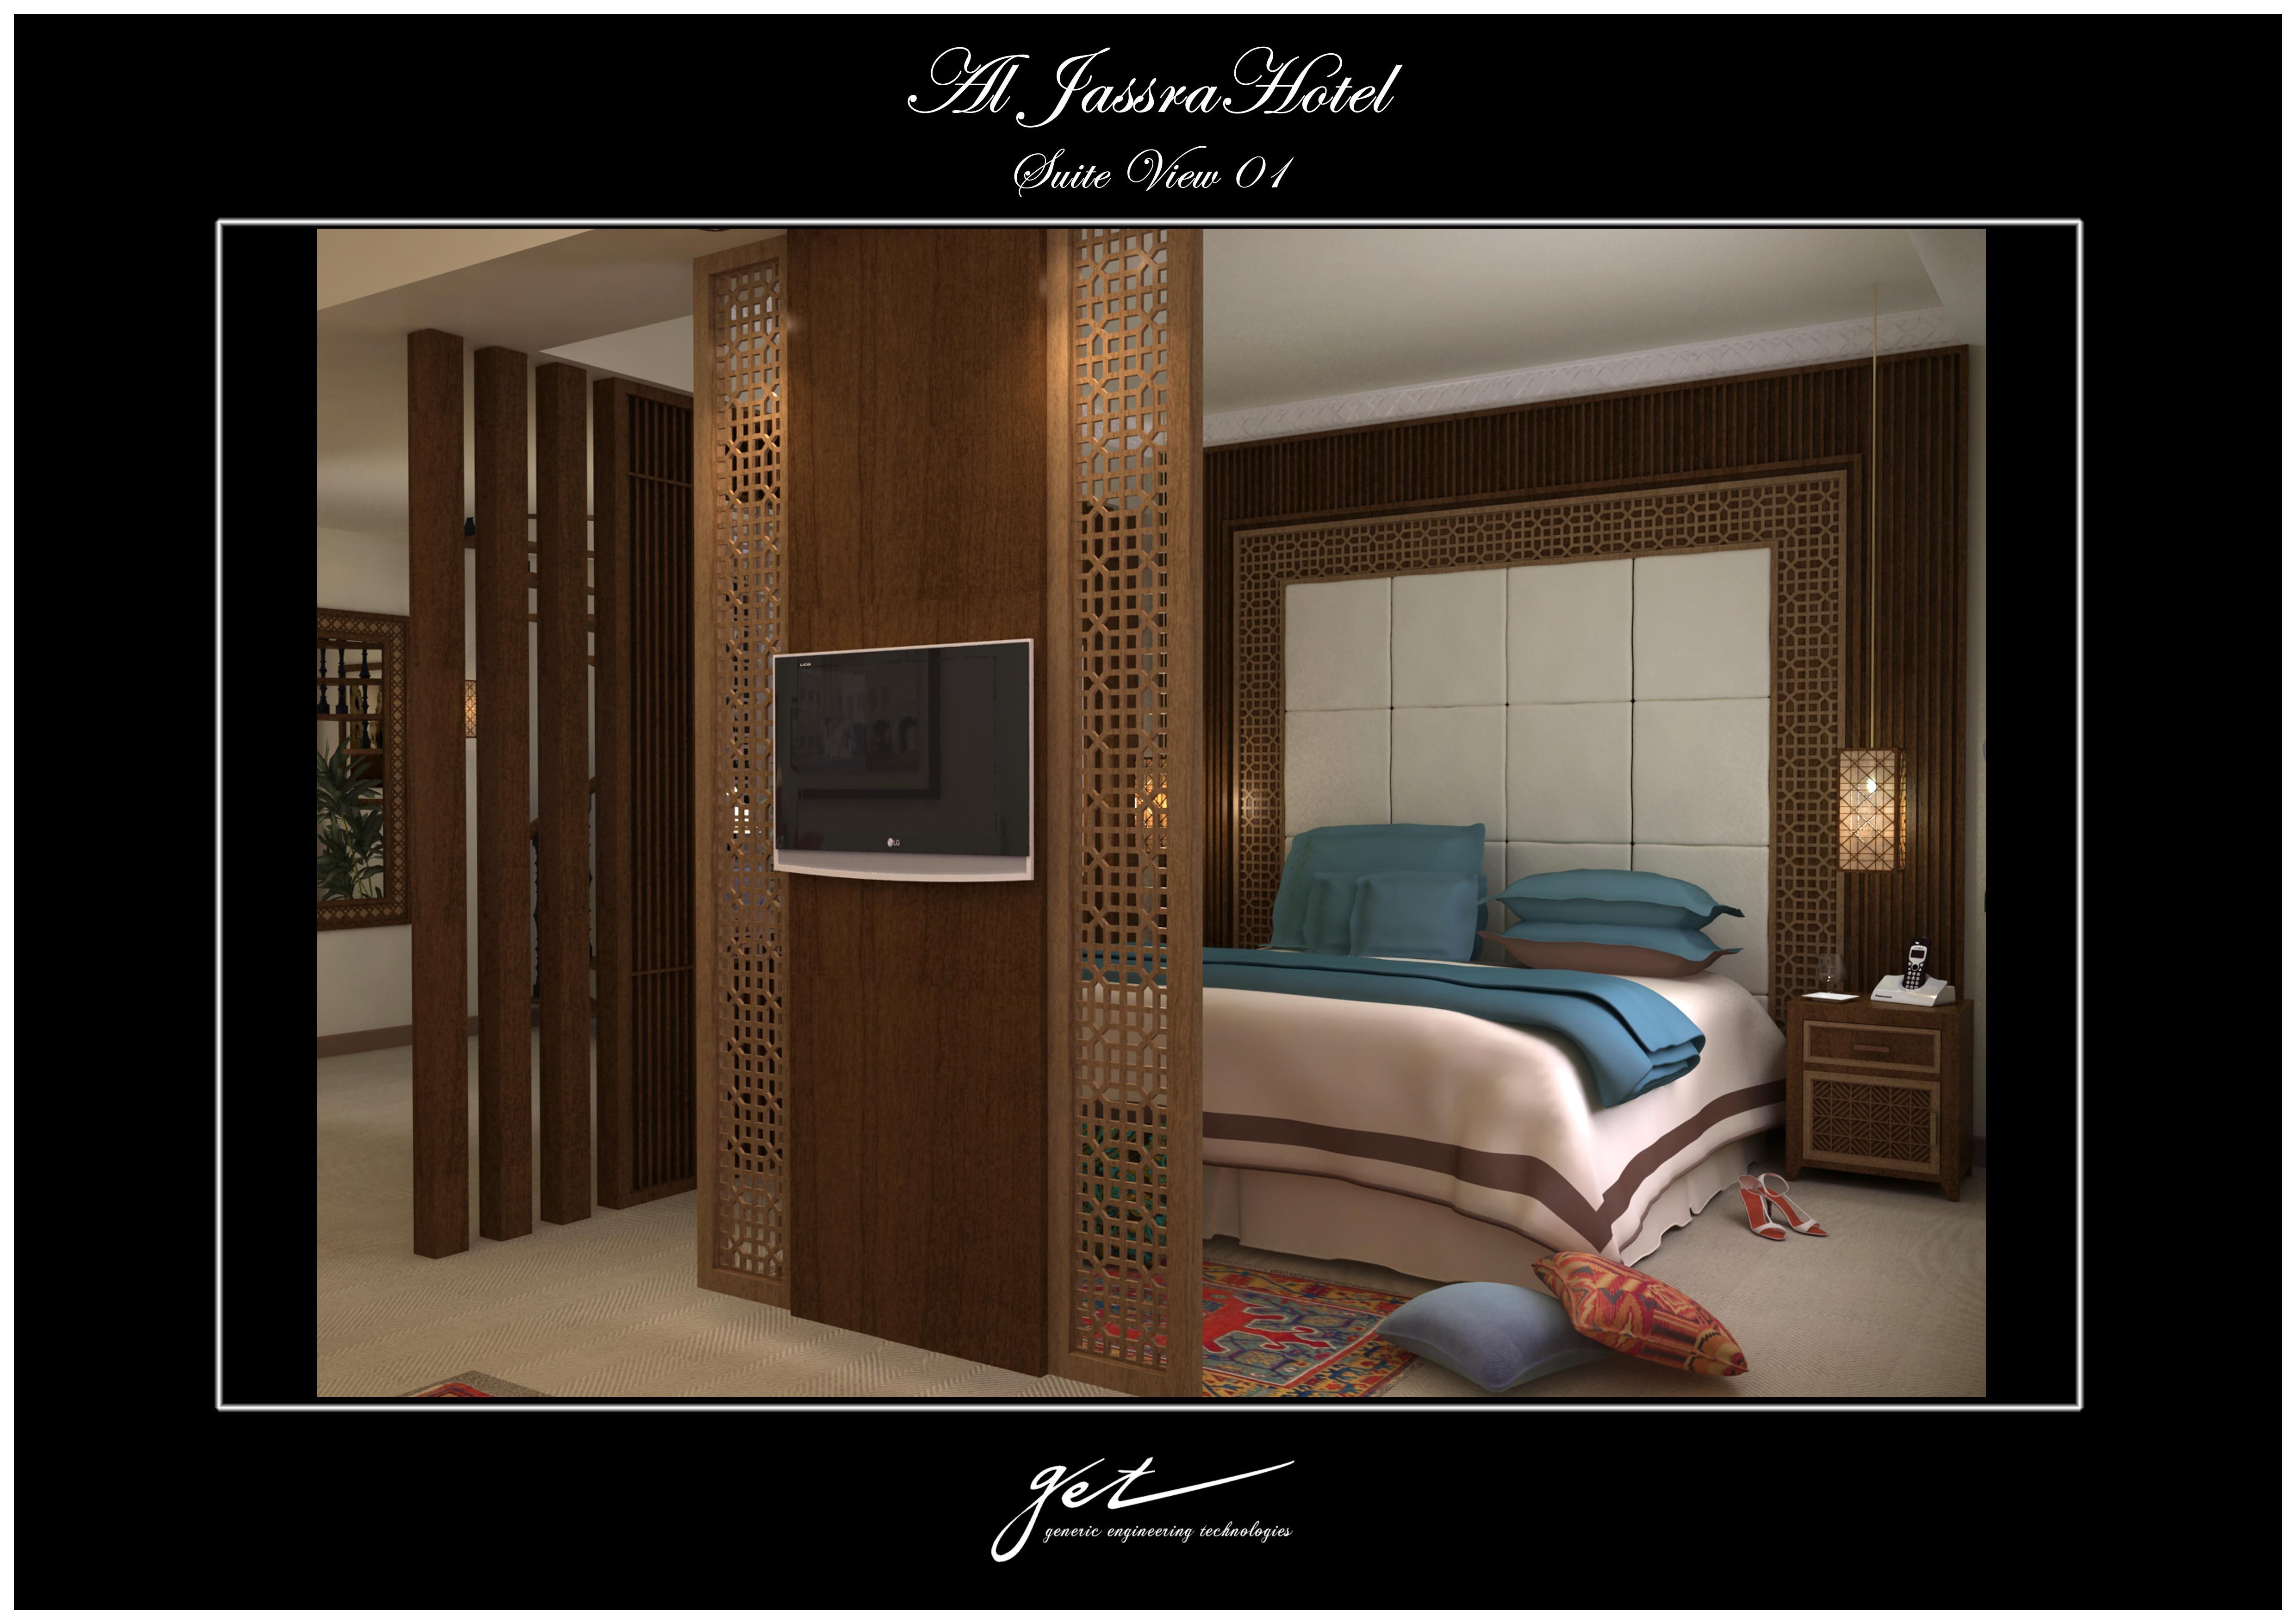 suite view 01